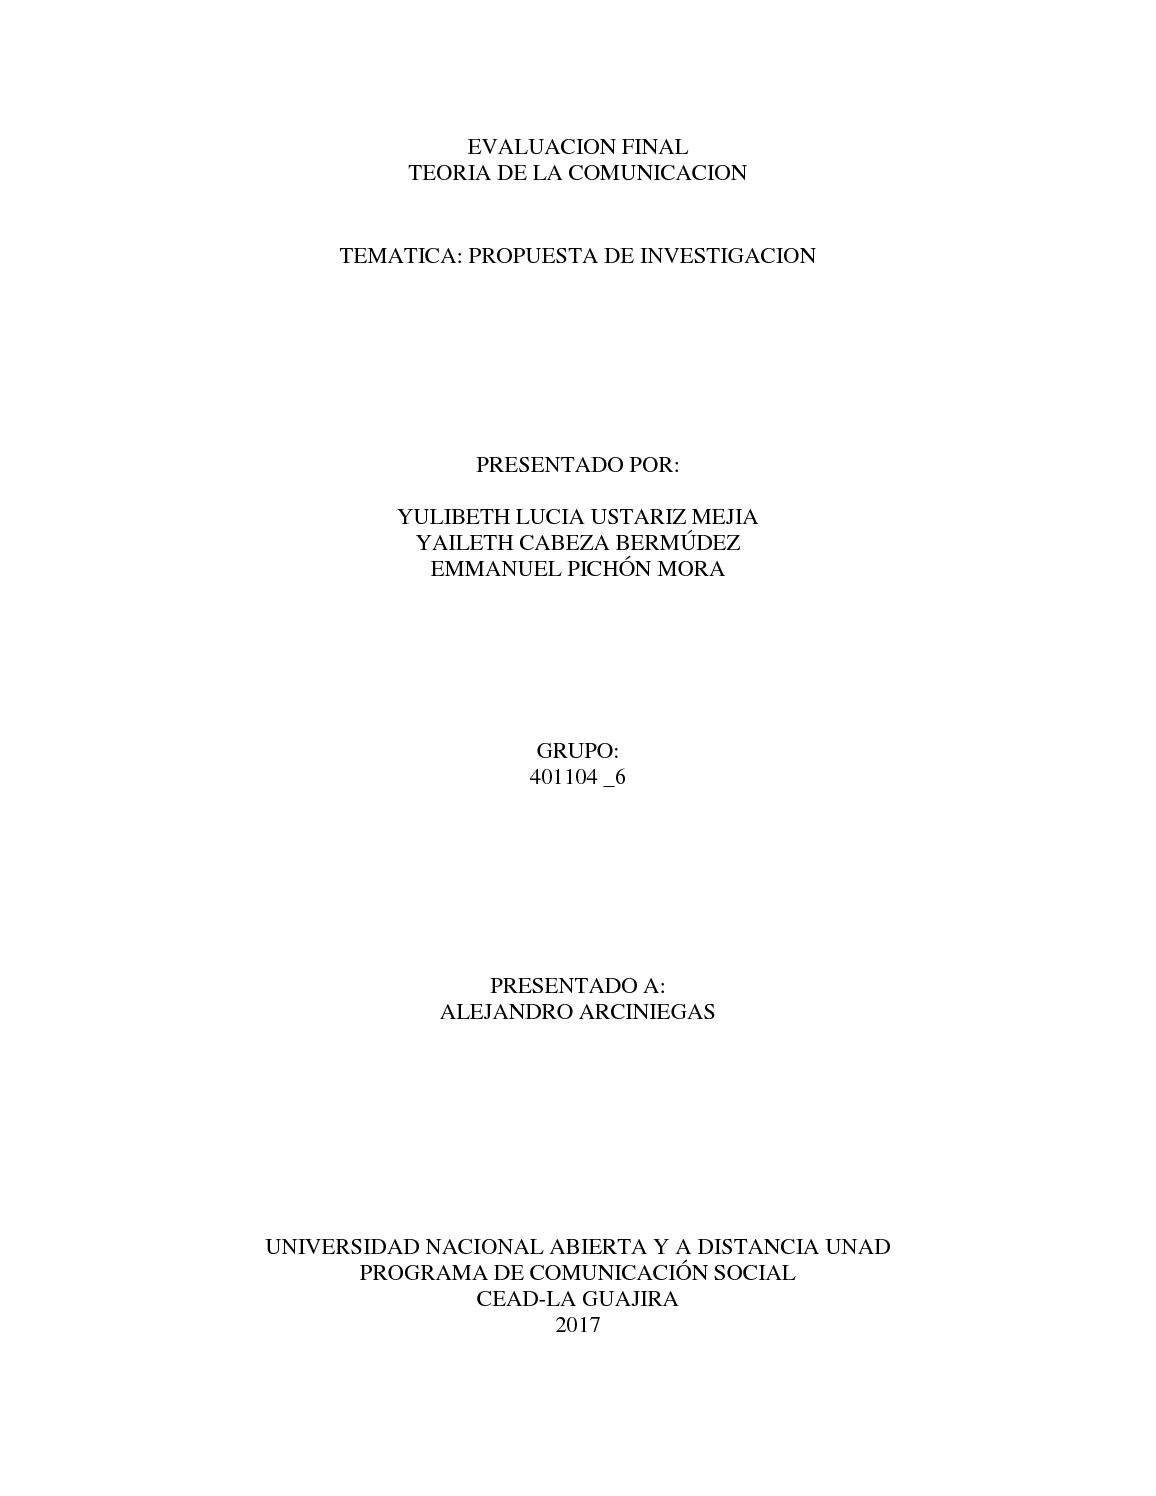 Evaluacion Final De Teoria De La Comunicacion Trabajo Colaborativo 401104 6